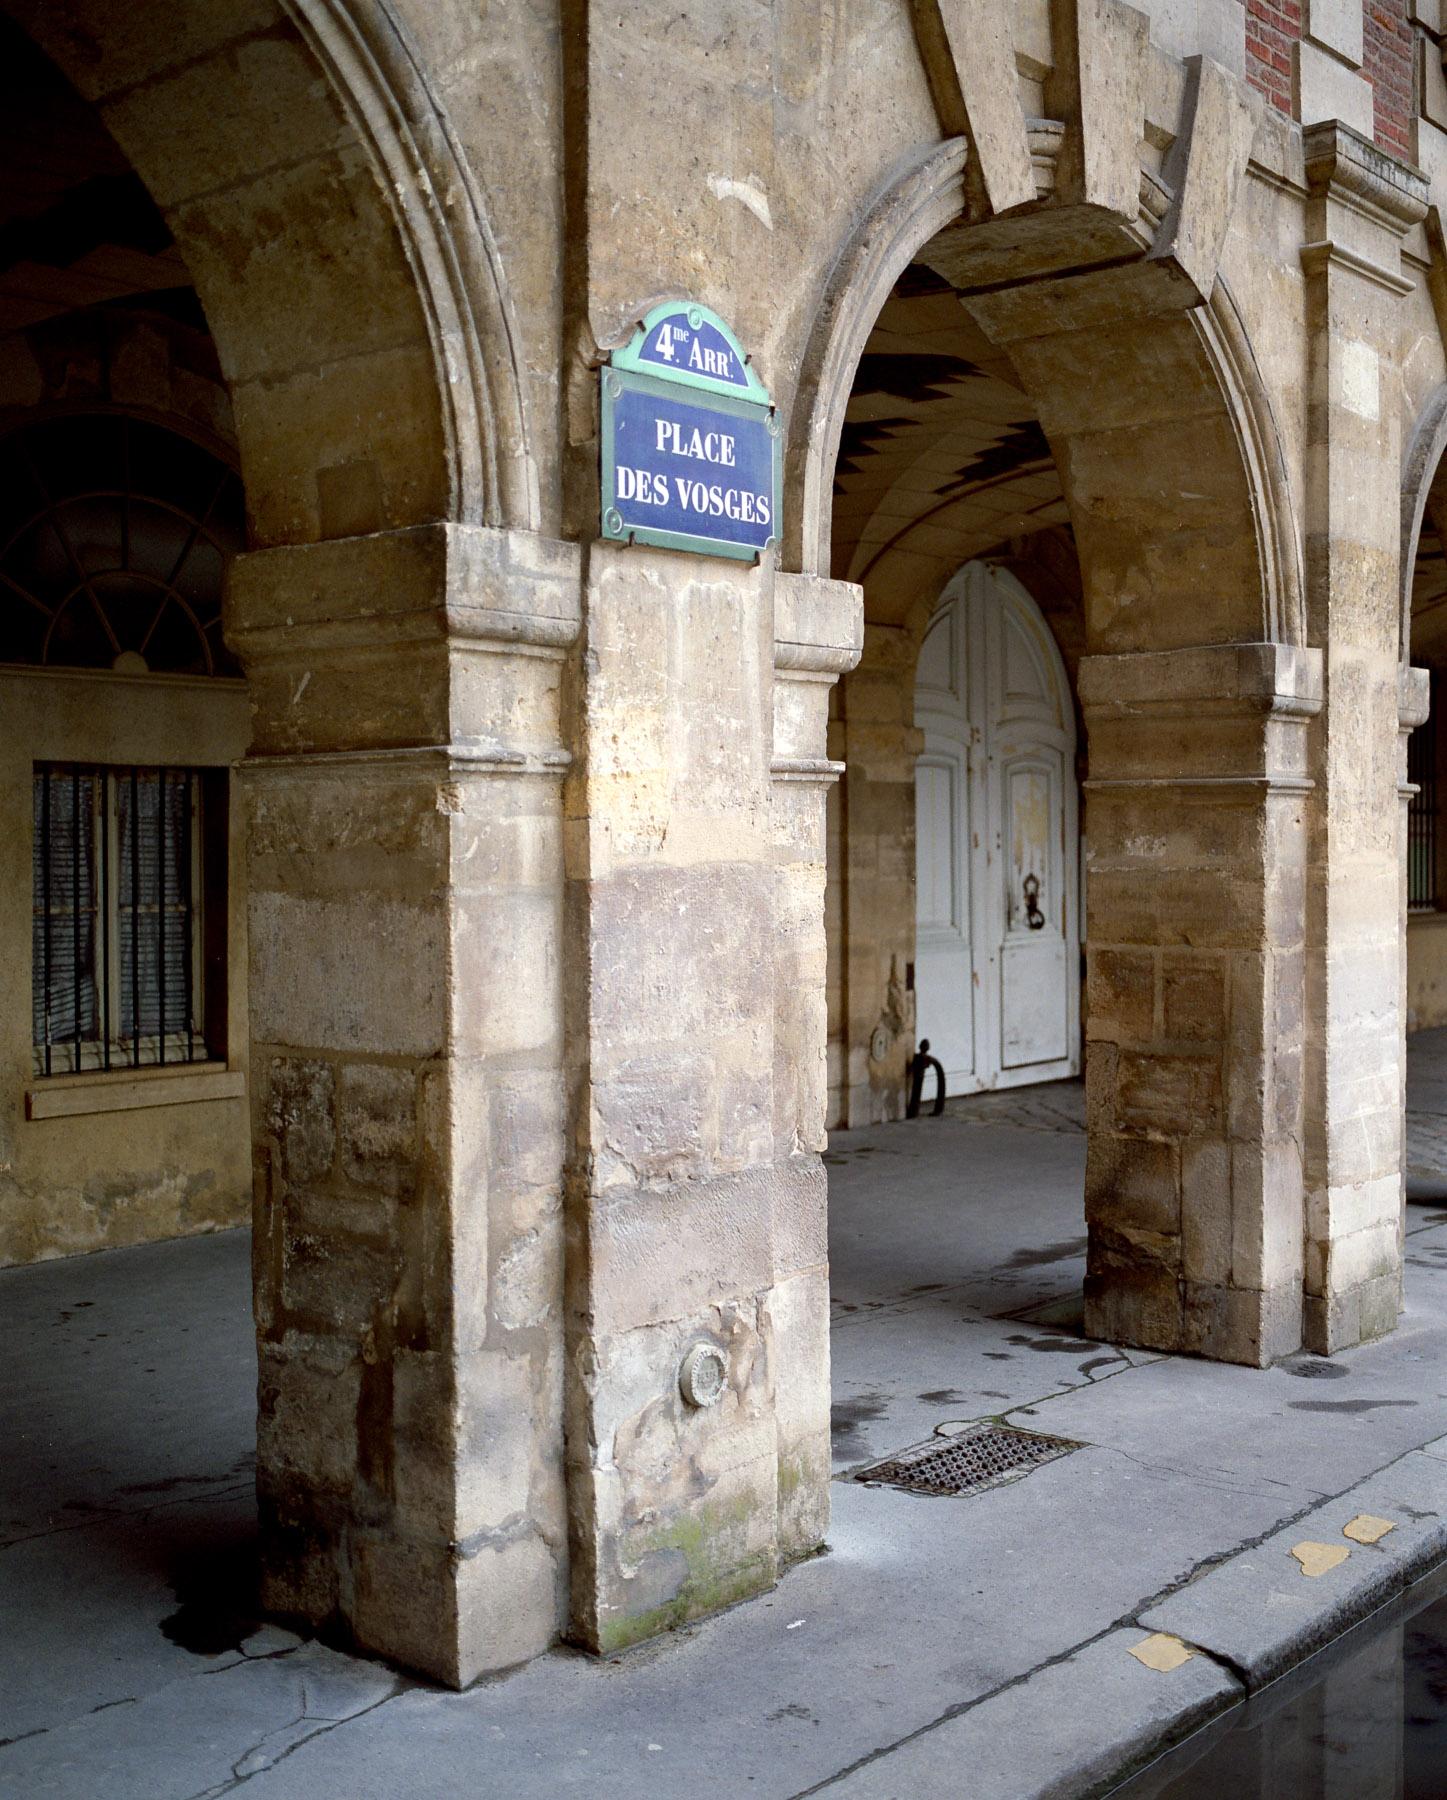 Place des Vosges No.9